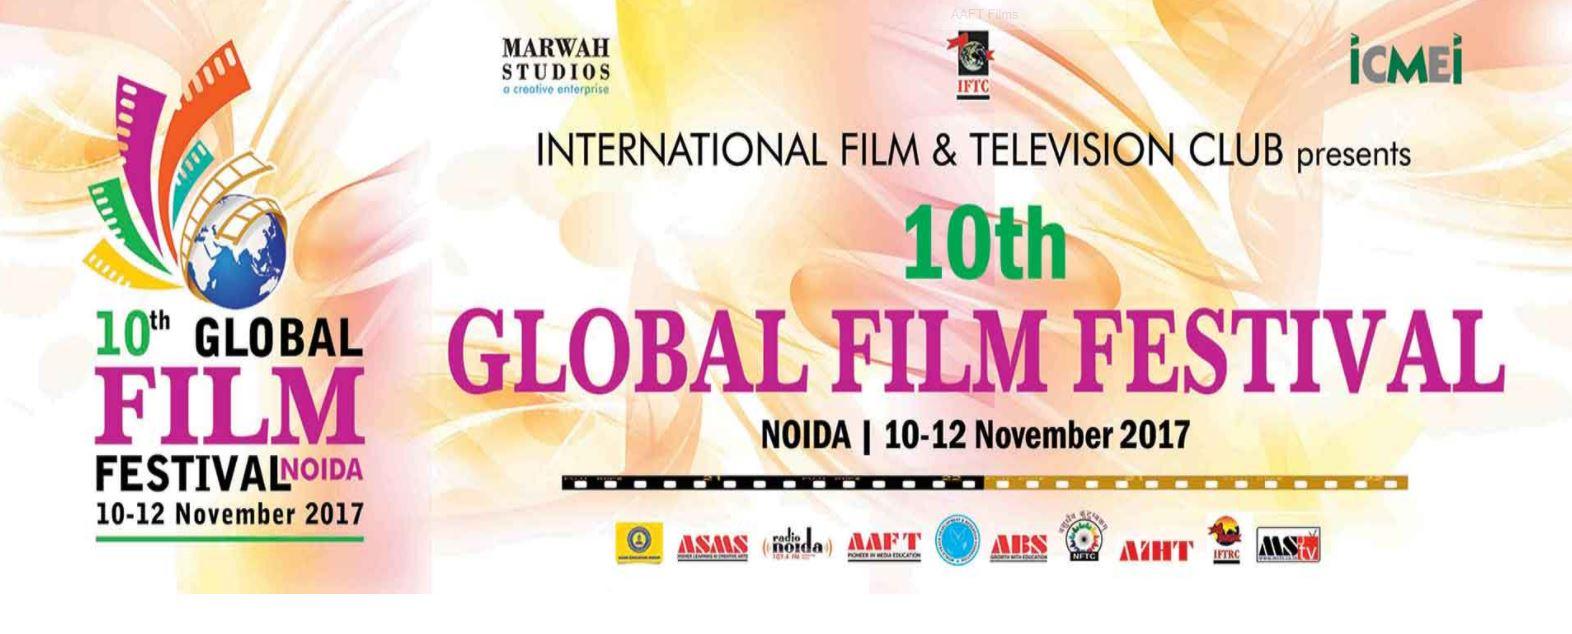 10th Global Film Festival Noida 2017